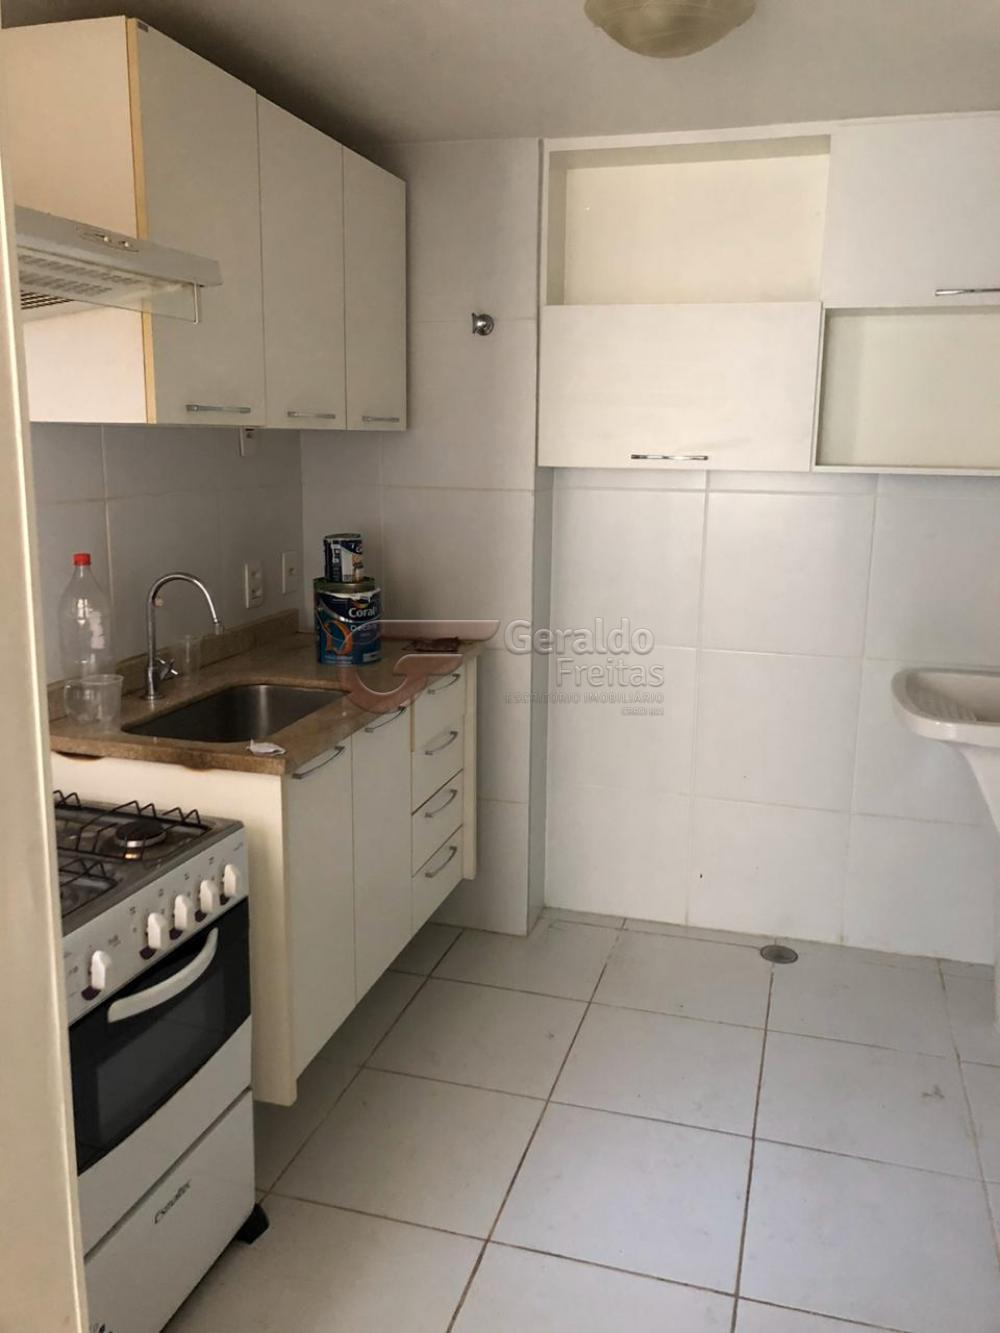 Comprar Apartamentos / Quarto Sala em Maceió apenas R$ 270.000,00 - Foto 8